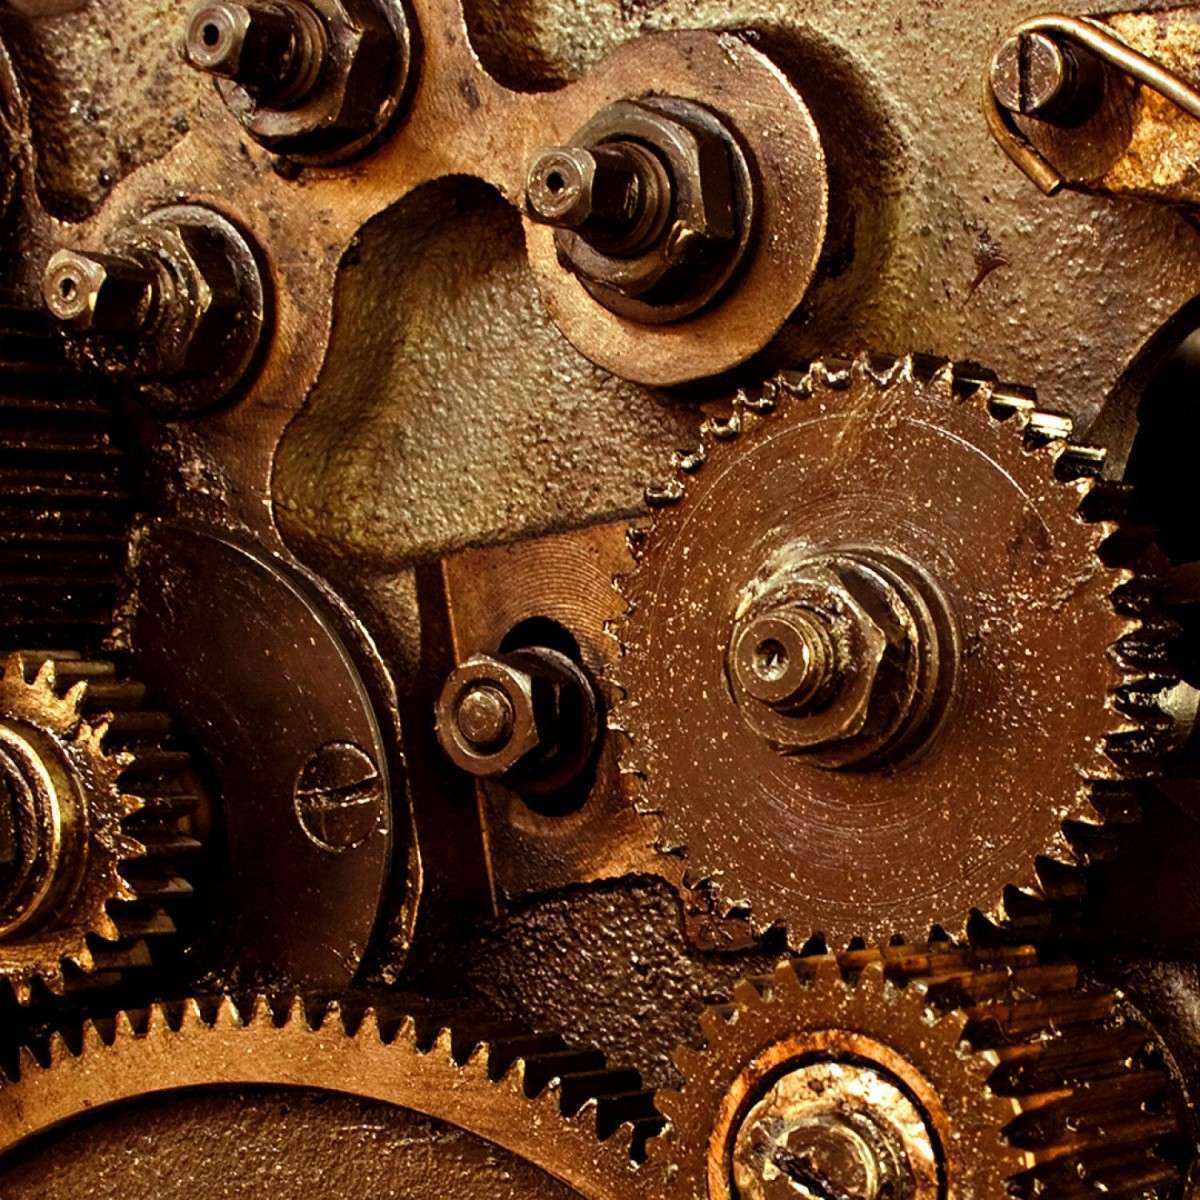 Какие угрозы для человечества таит техногенная и машинная цивилизация